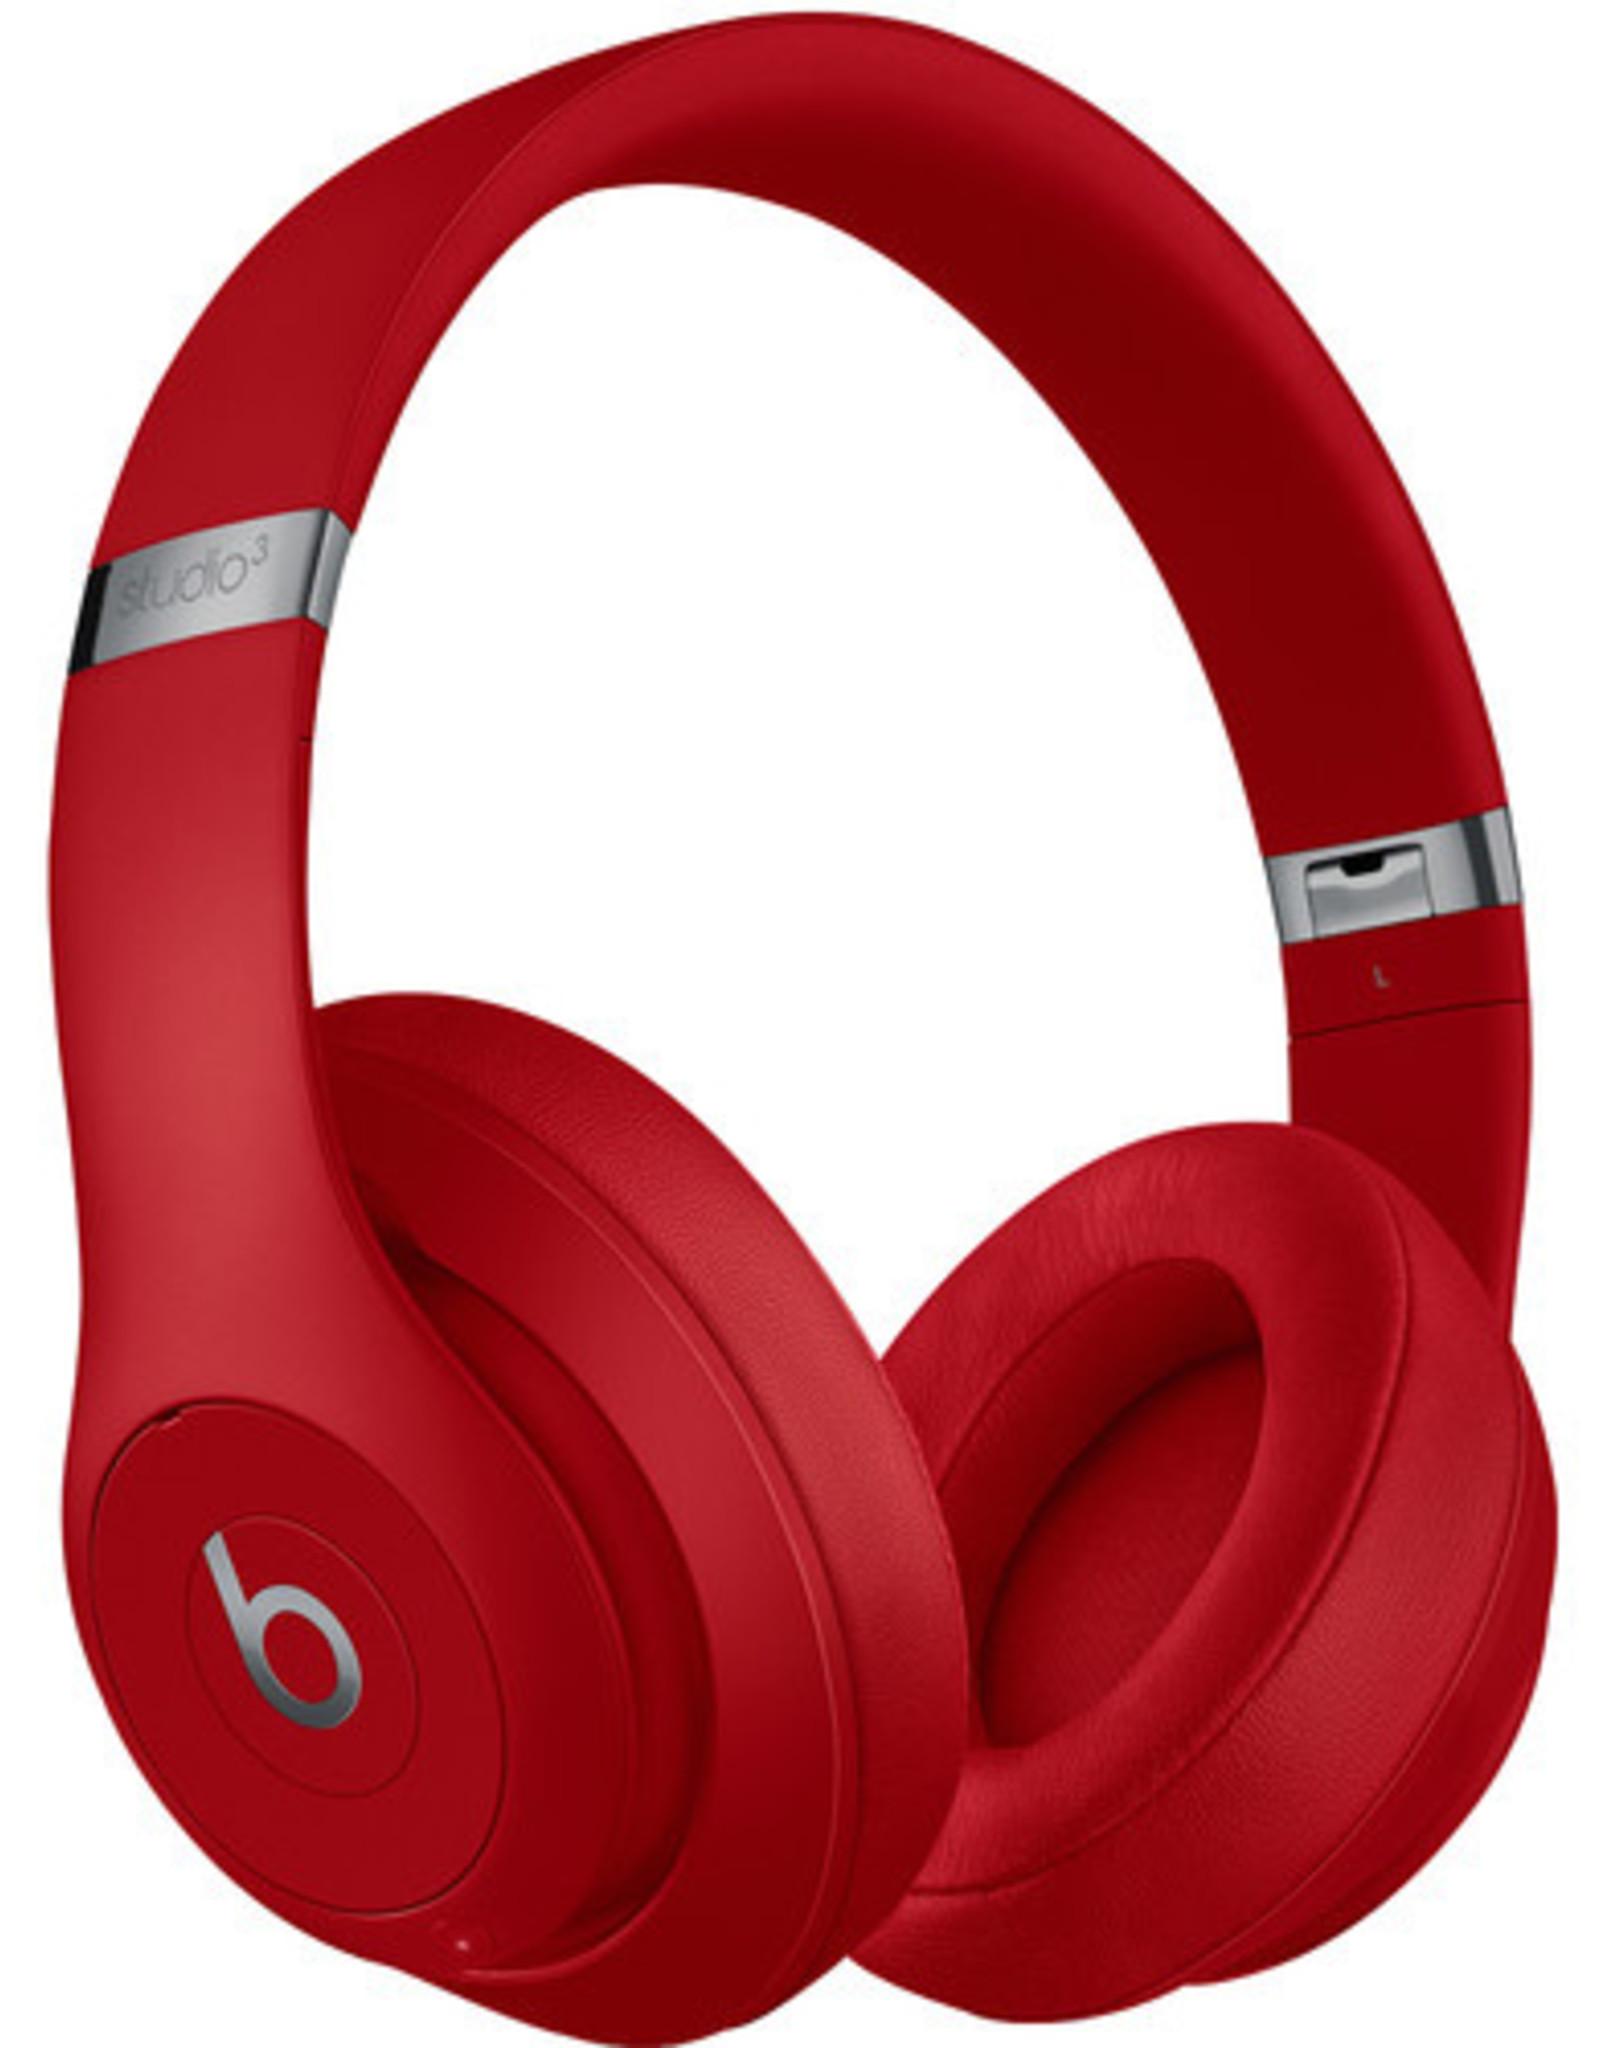 Apple APPLE BEATS STUDIO3 WIRELESS HEADPHONES - RED